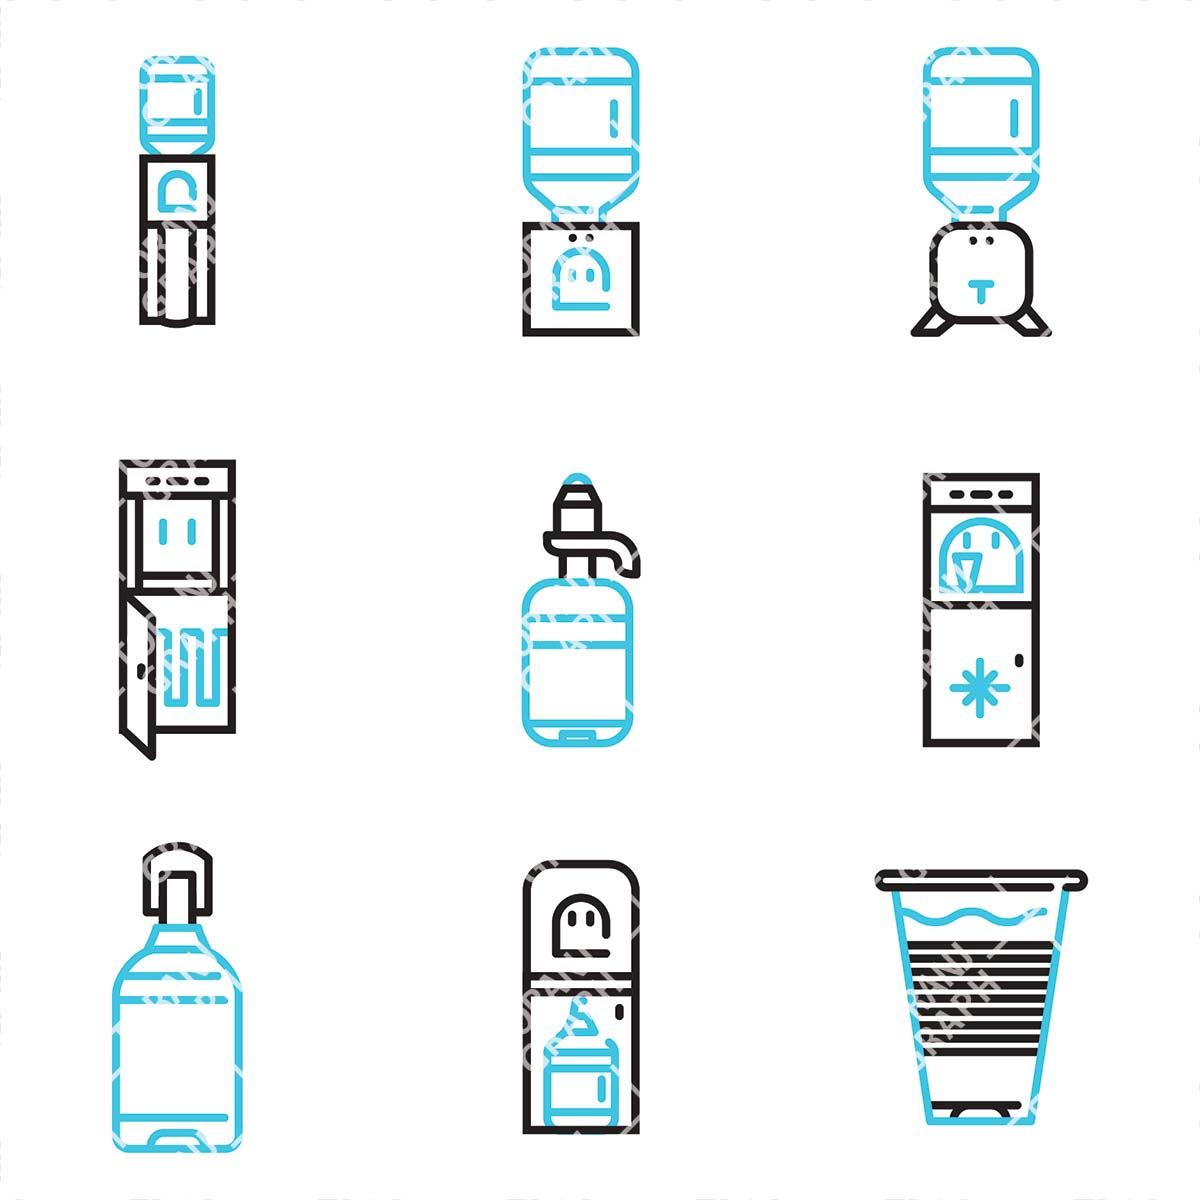 وکتور لایه باز آبسردکن و دستگاه تصفیه آب